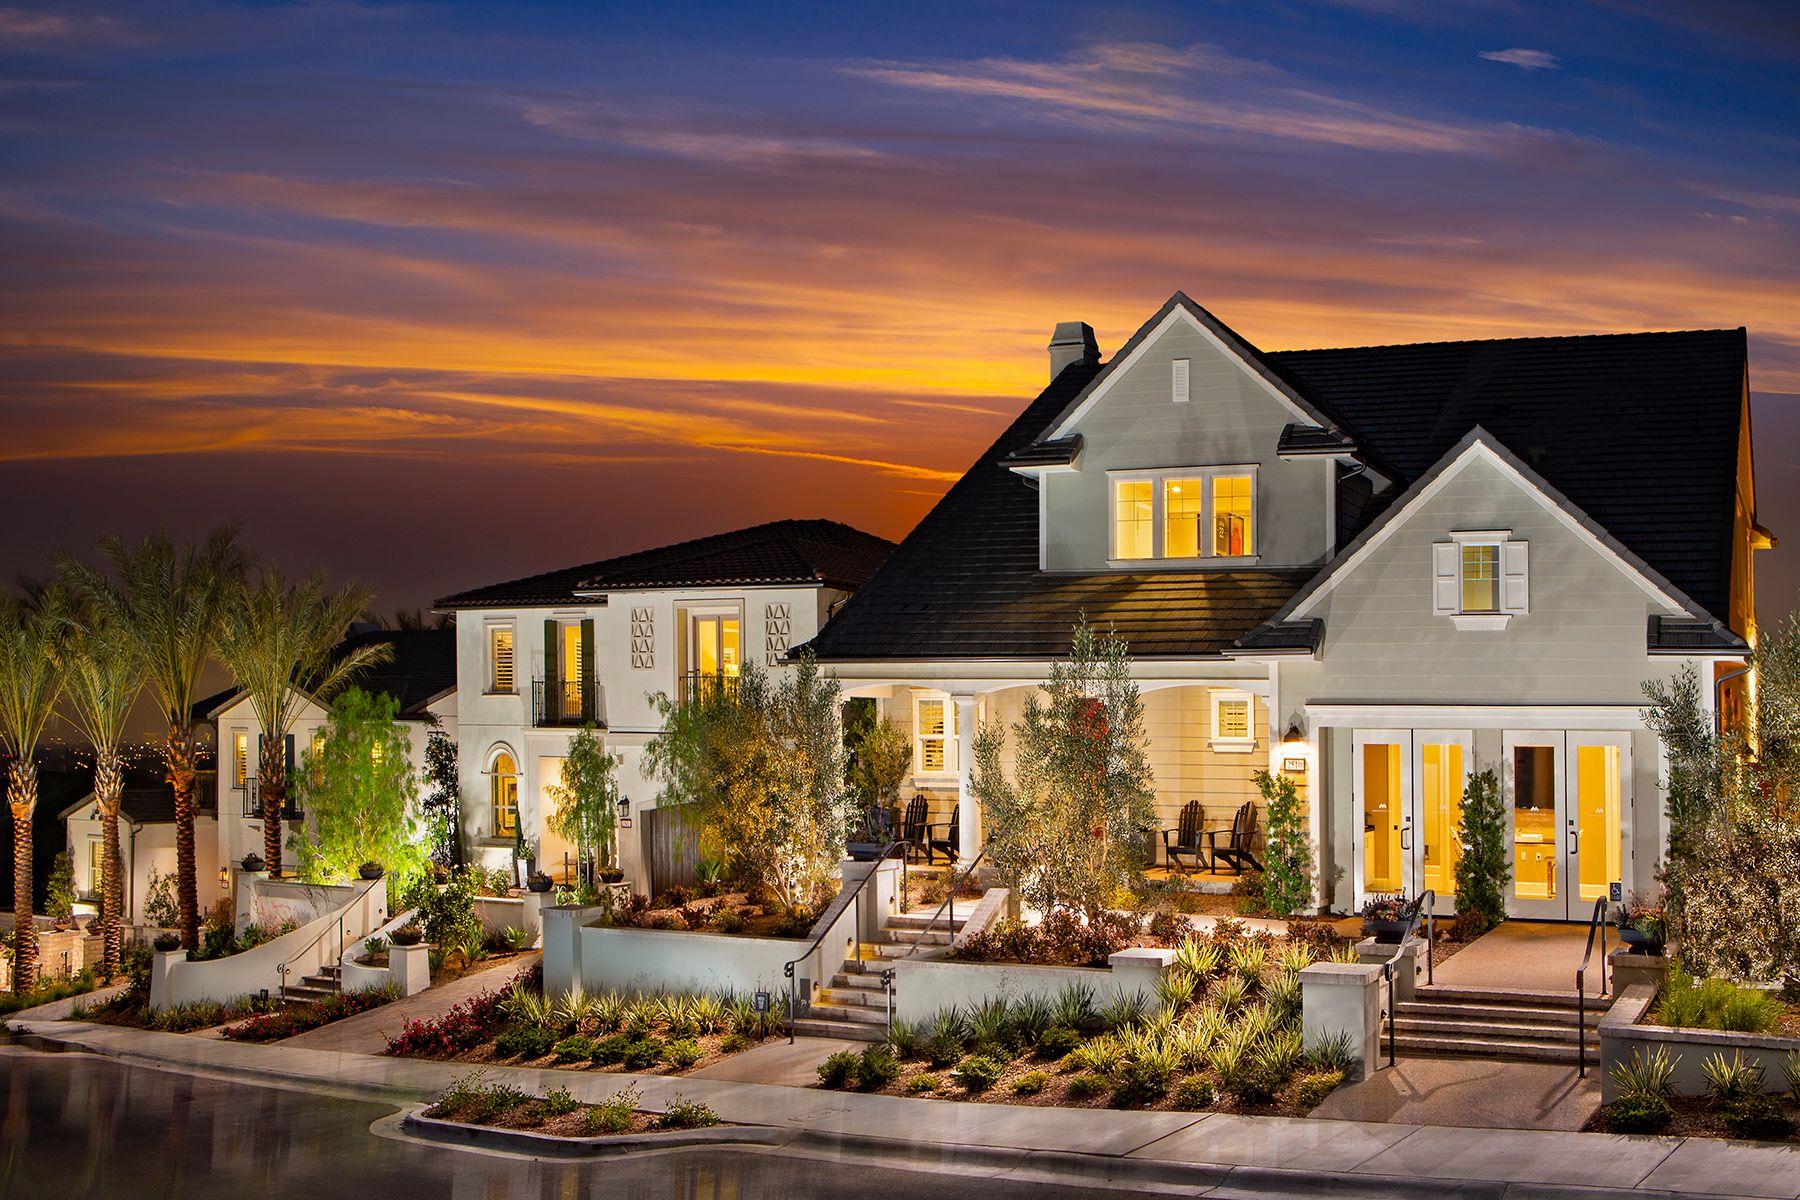 New Homes in Anaheim Hills, CA | 305 Communities | NewHomeSource